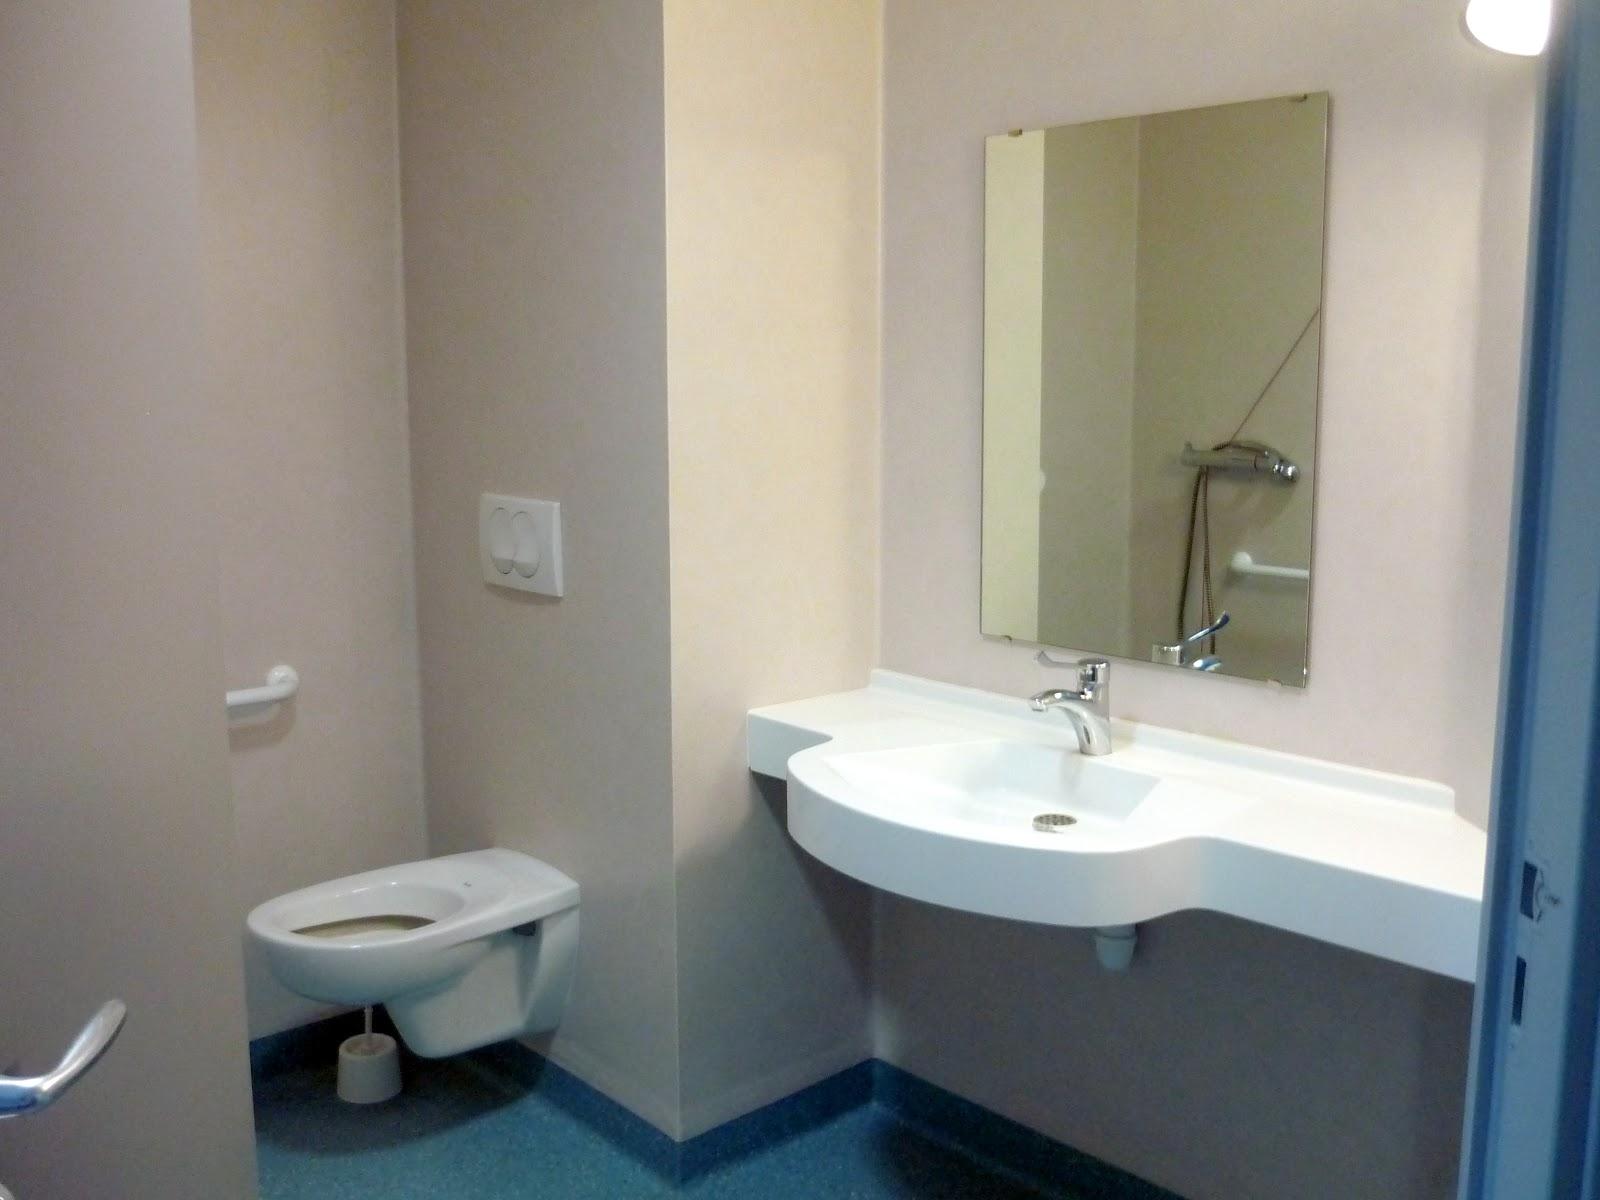 R sidence ehpad de l 39 h pital de st f licien 07410 la r sidence et le service animation - Resinence salle de bain ...